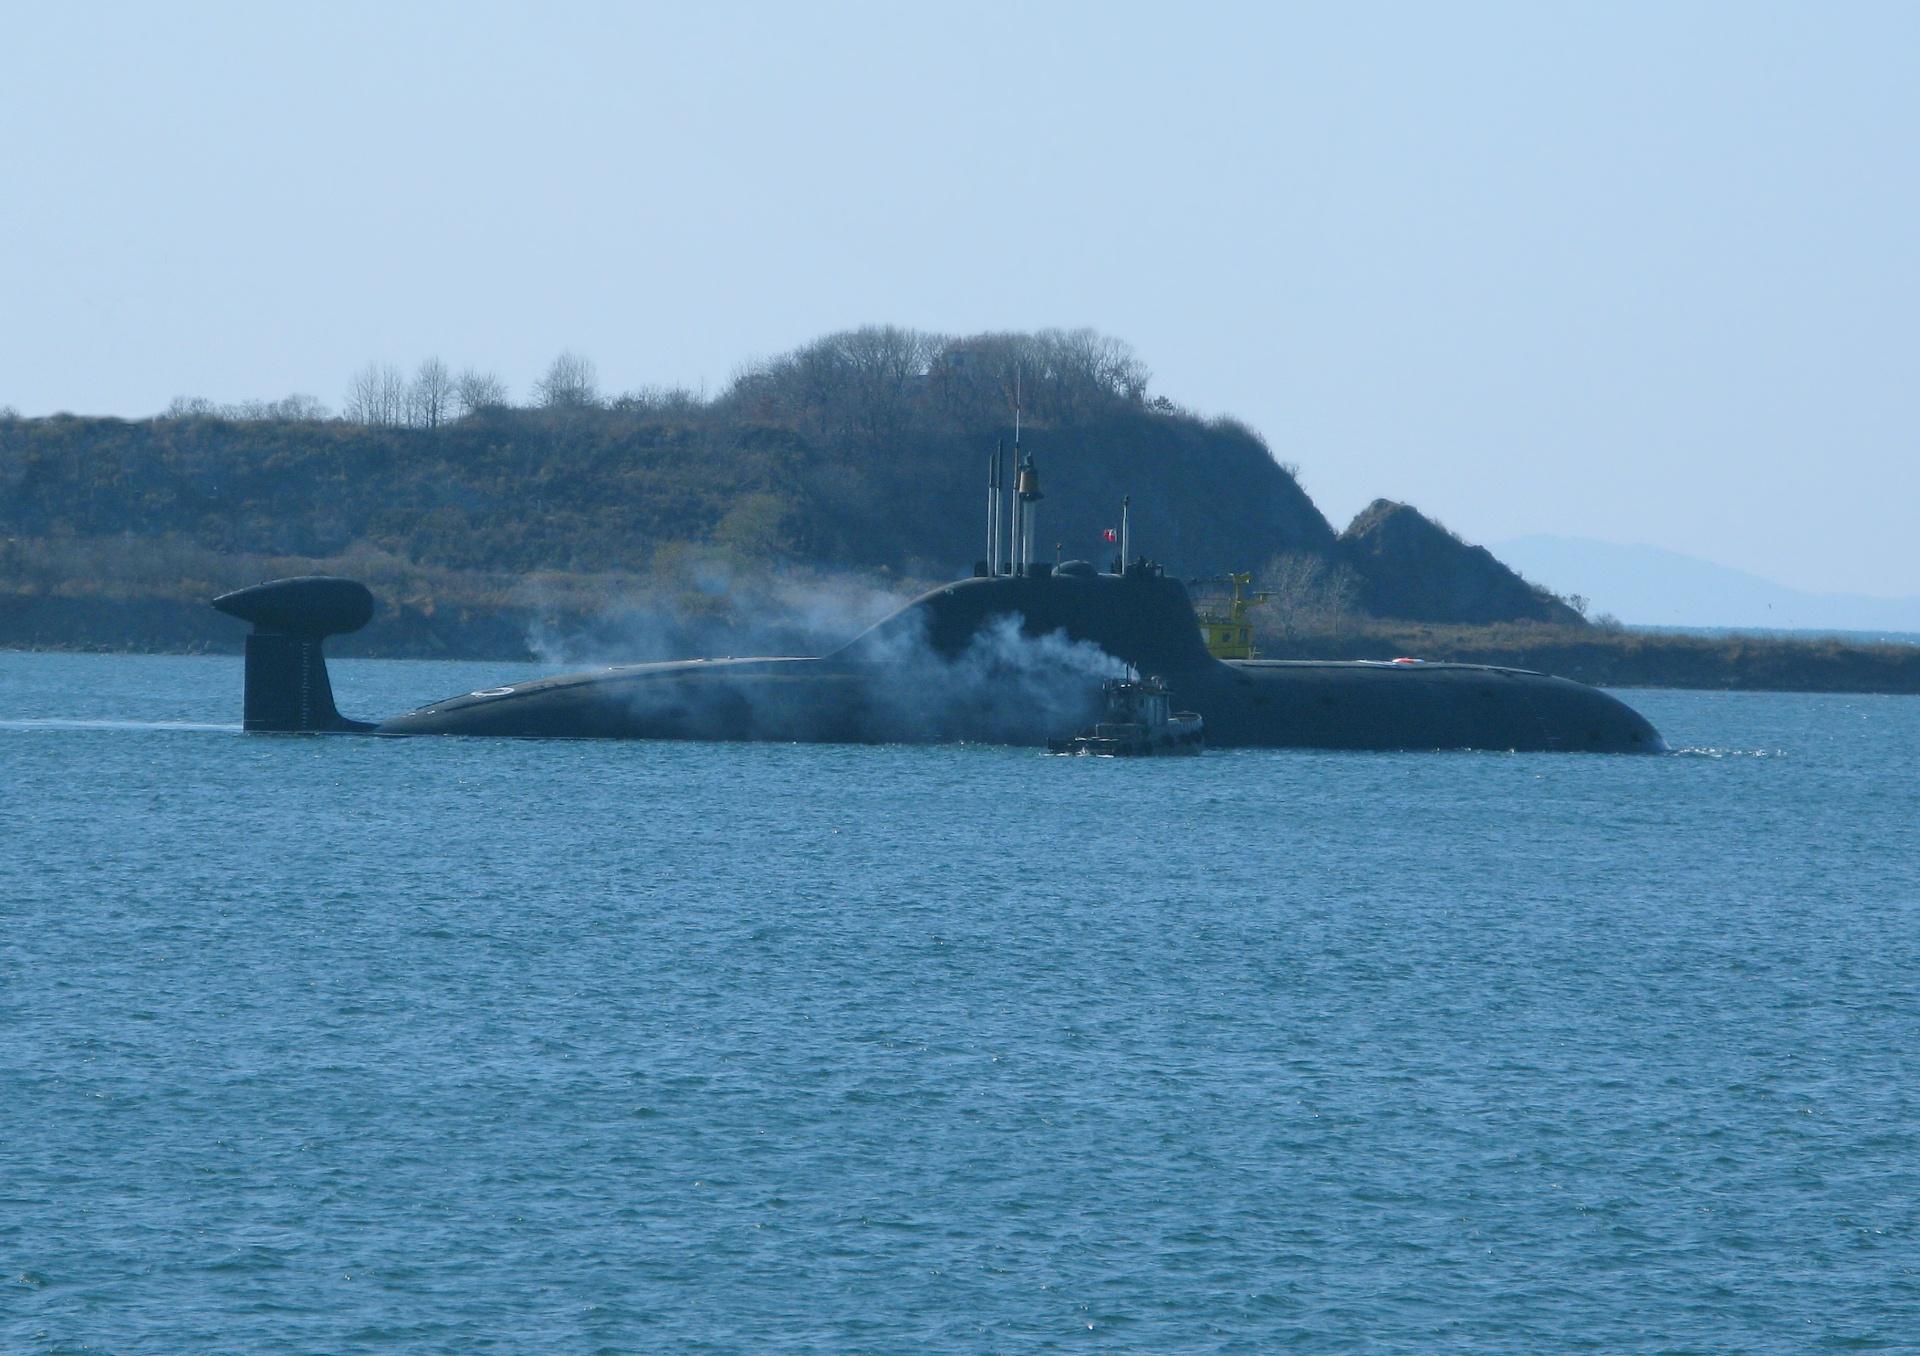 болоньезе живые нерпы на корпусах подводных лодок фото том